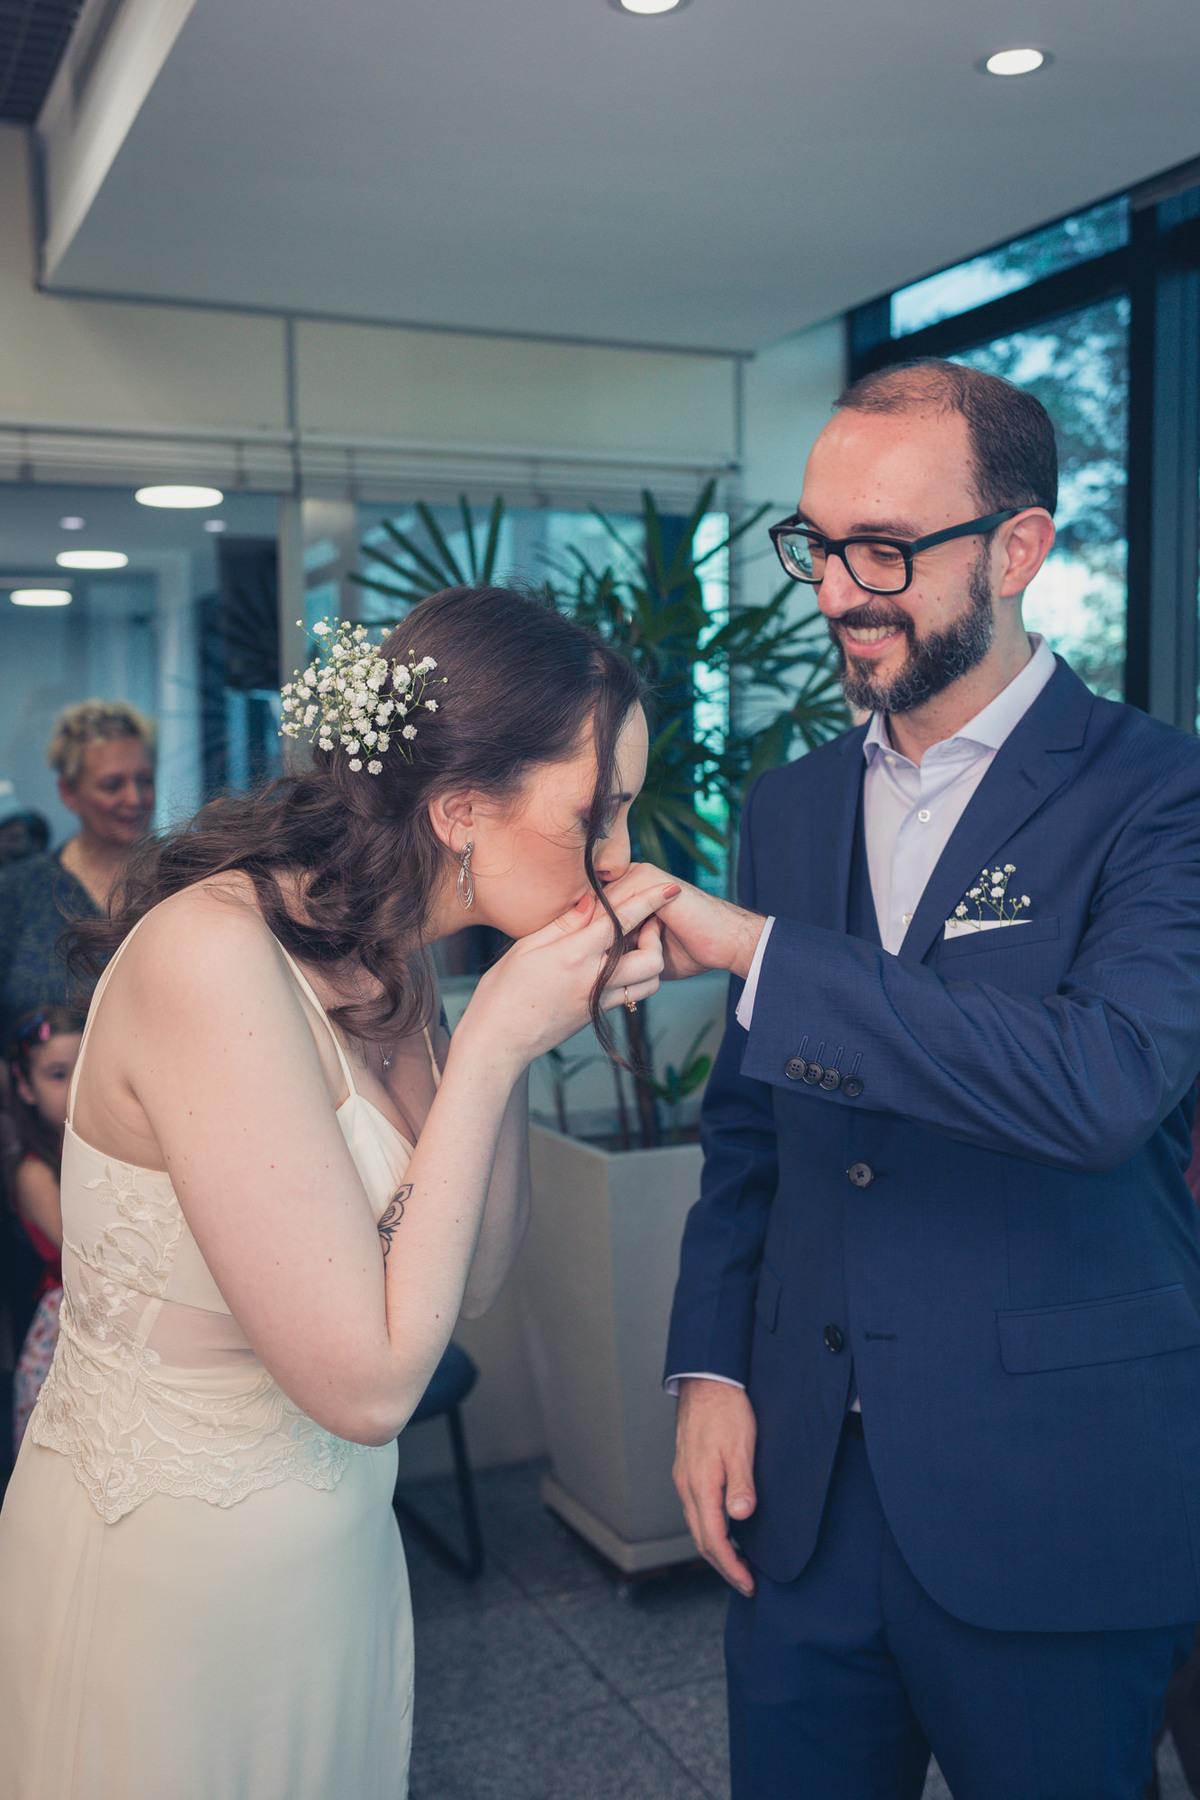 noiva beijando aliança do noivo em casamento civil